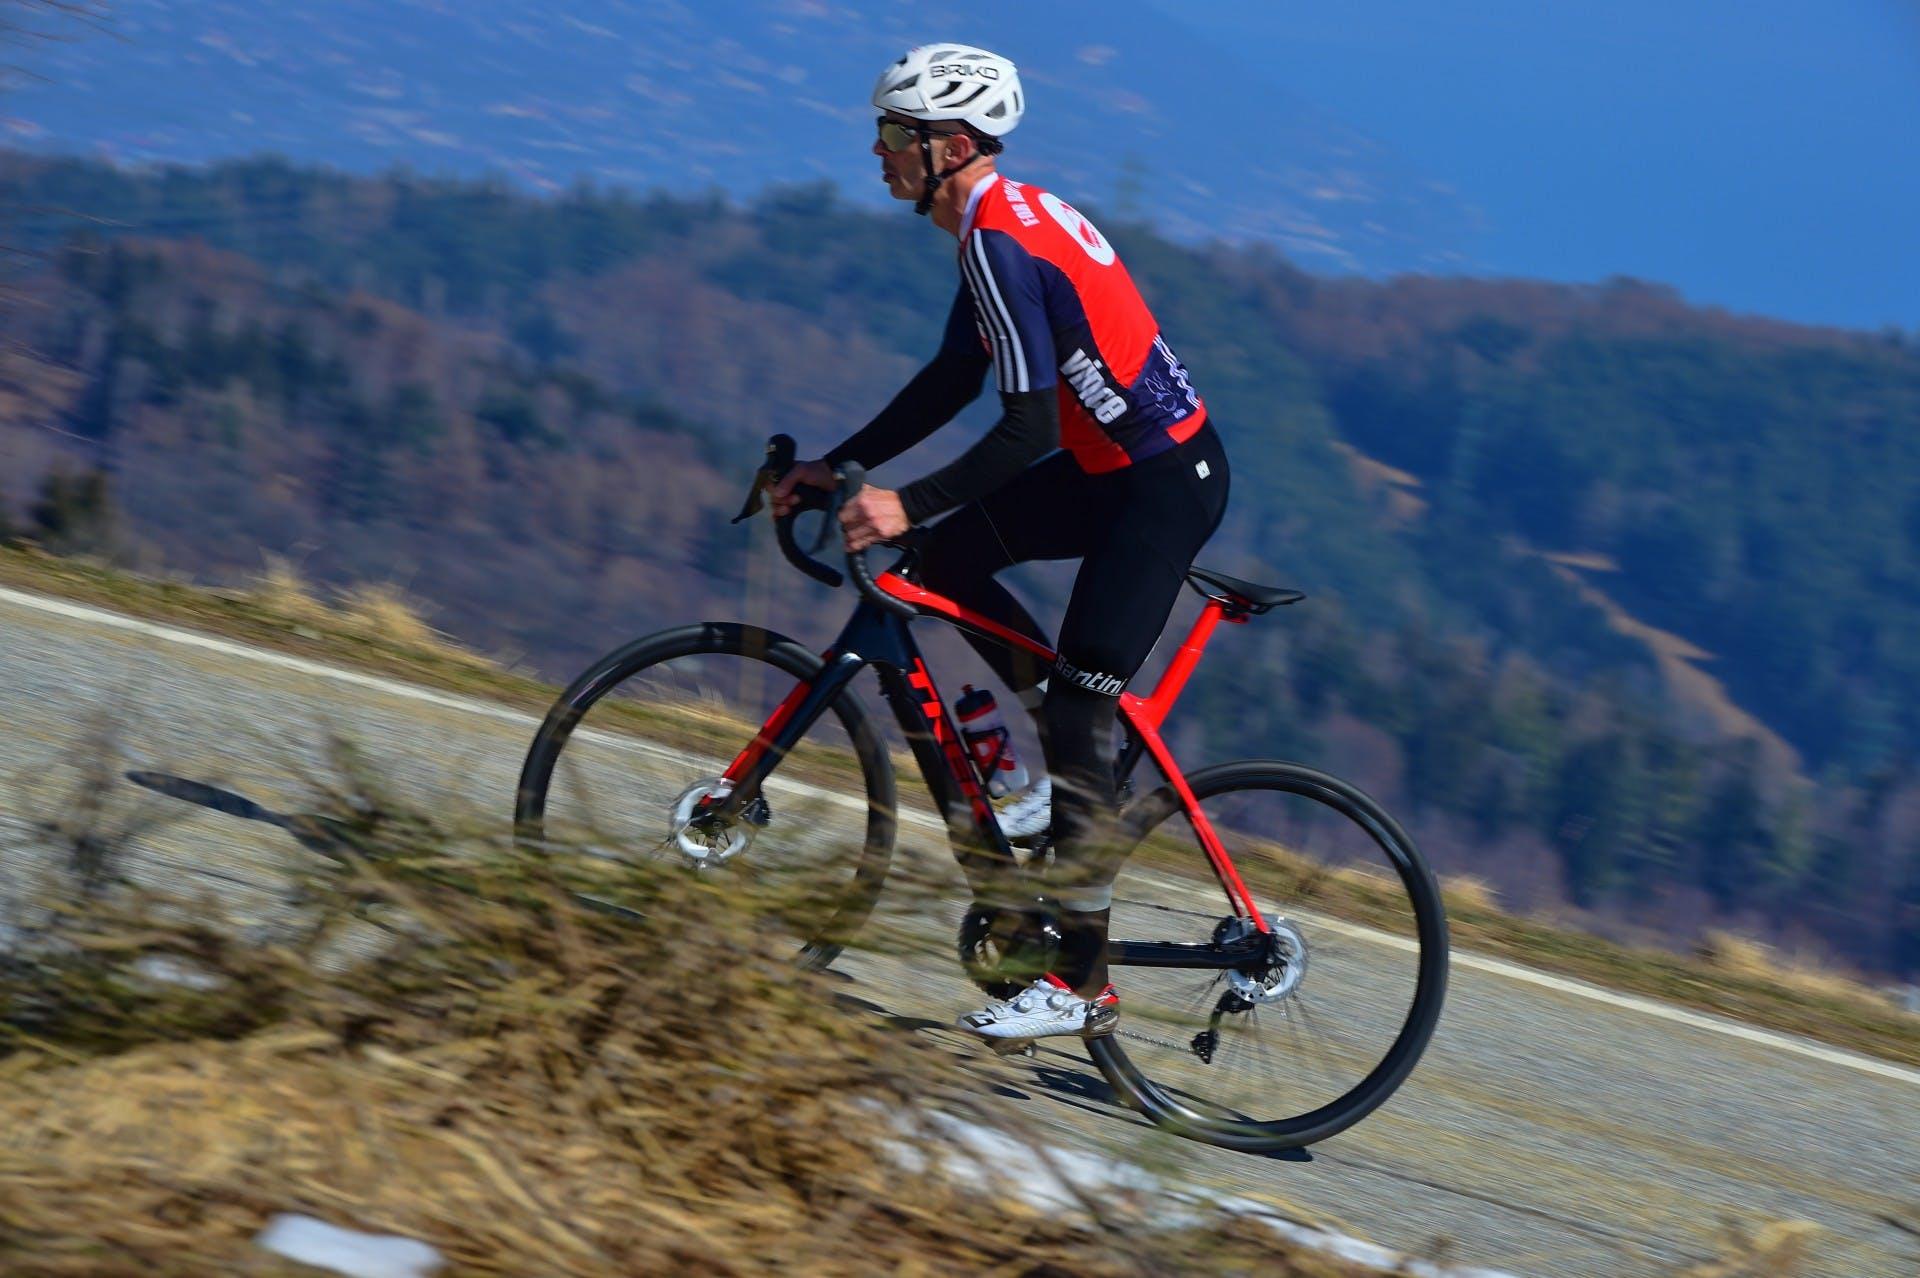 bici elettrica trek Domane+ LT foto in azione in salita